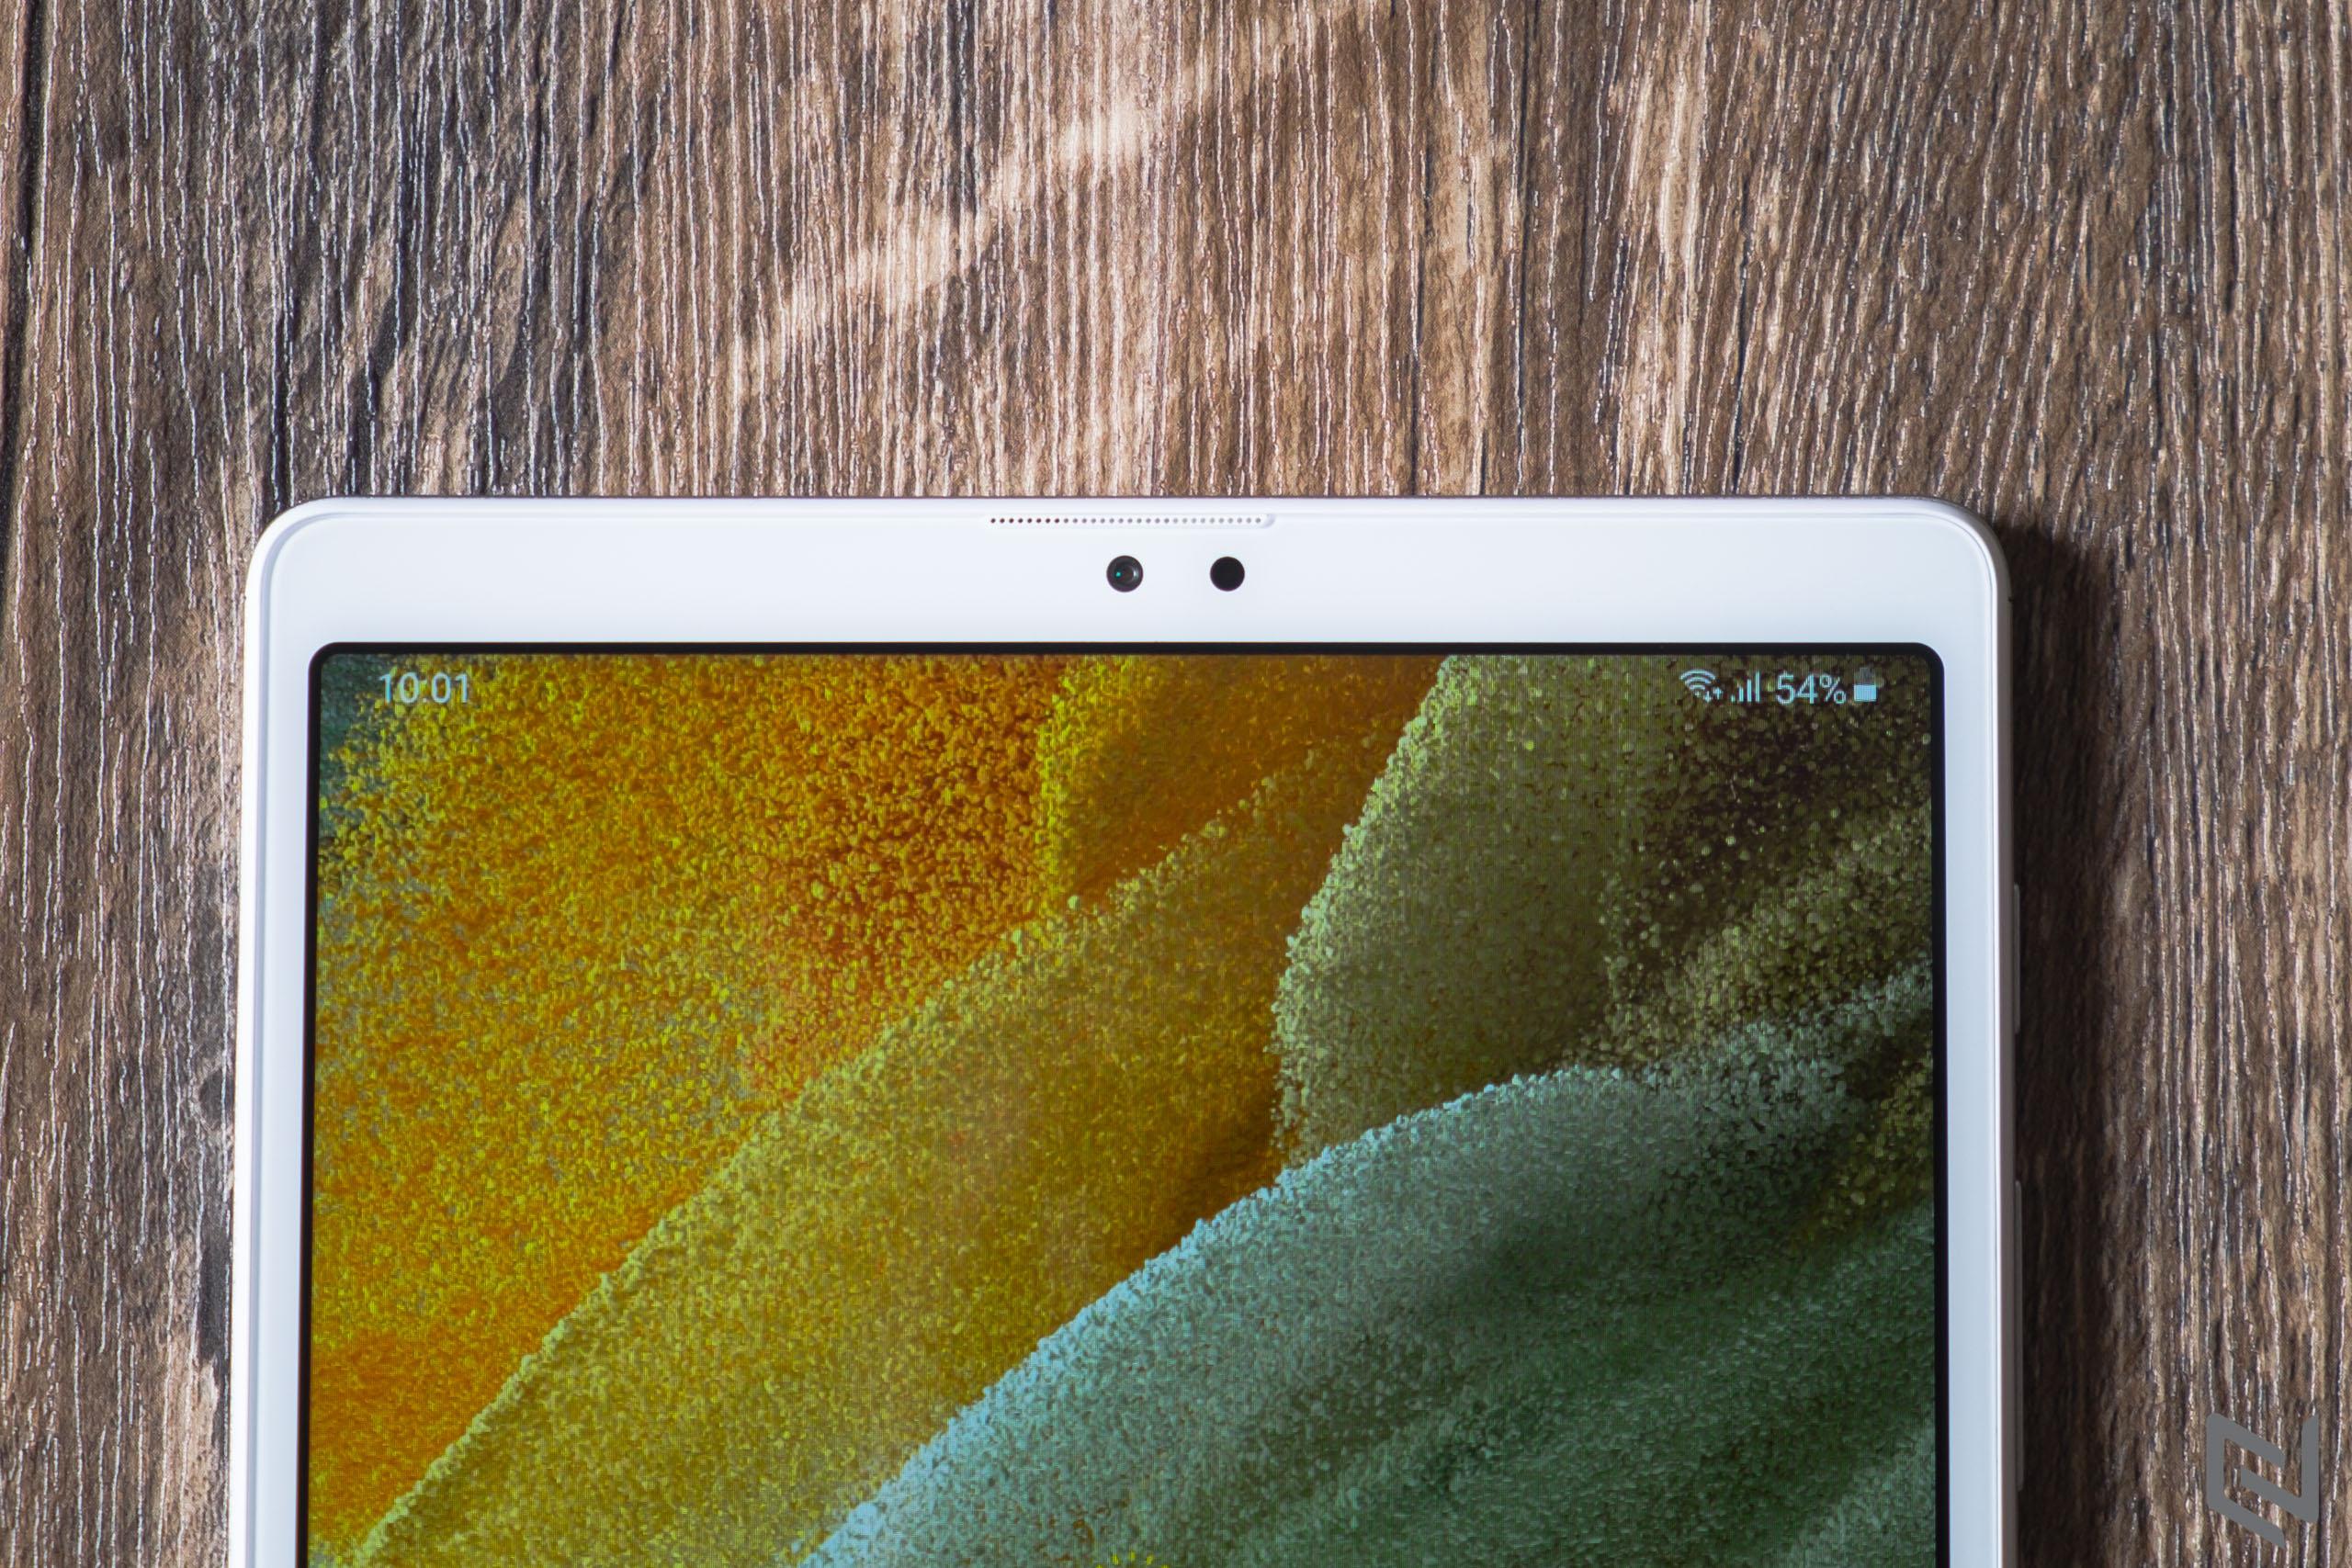 Mở hộp máy tính bảng Galaxy Tab A7 Lite: Nhỏ gọn, màn hình đẹp